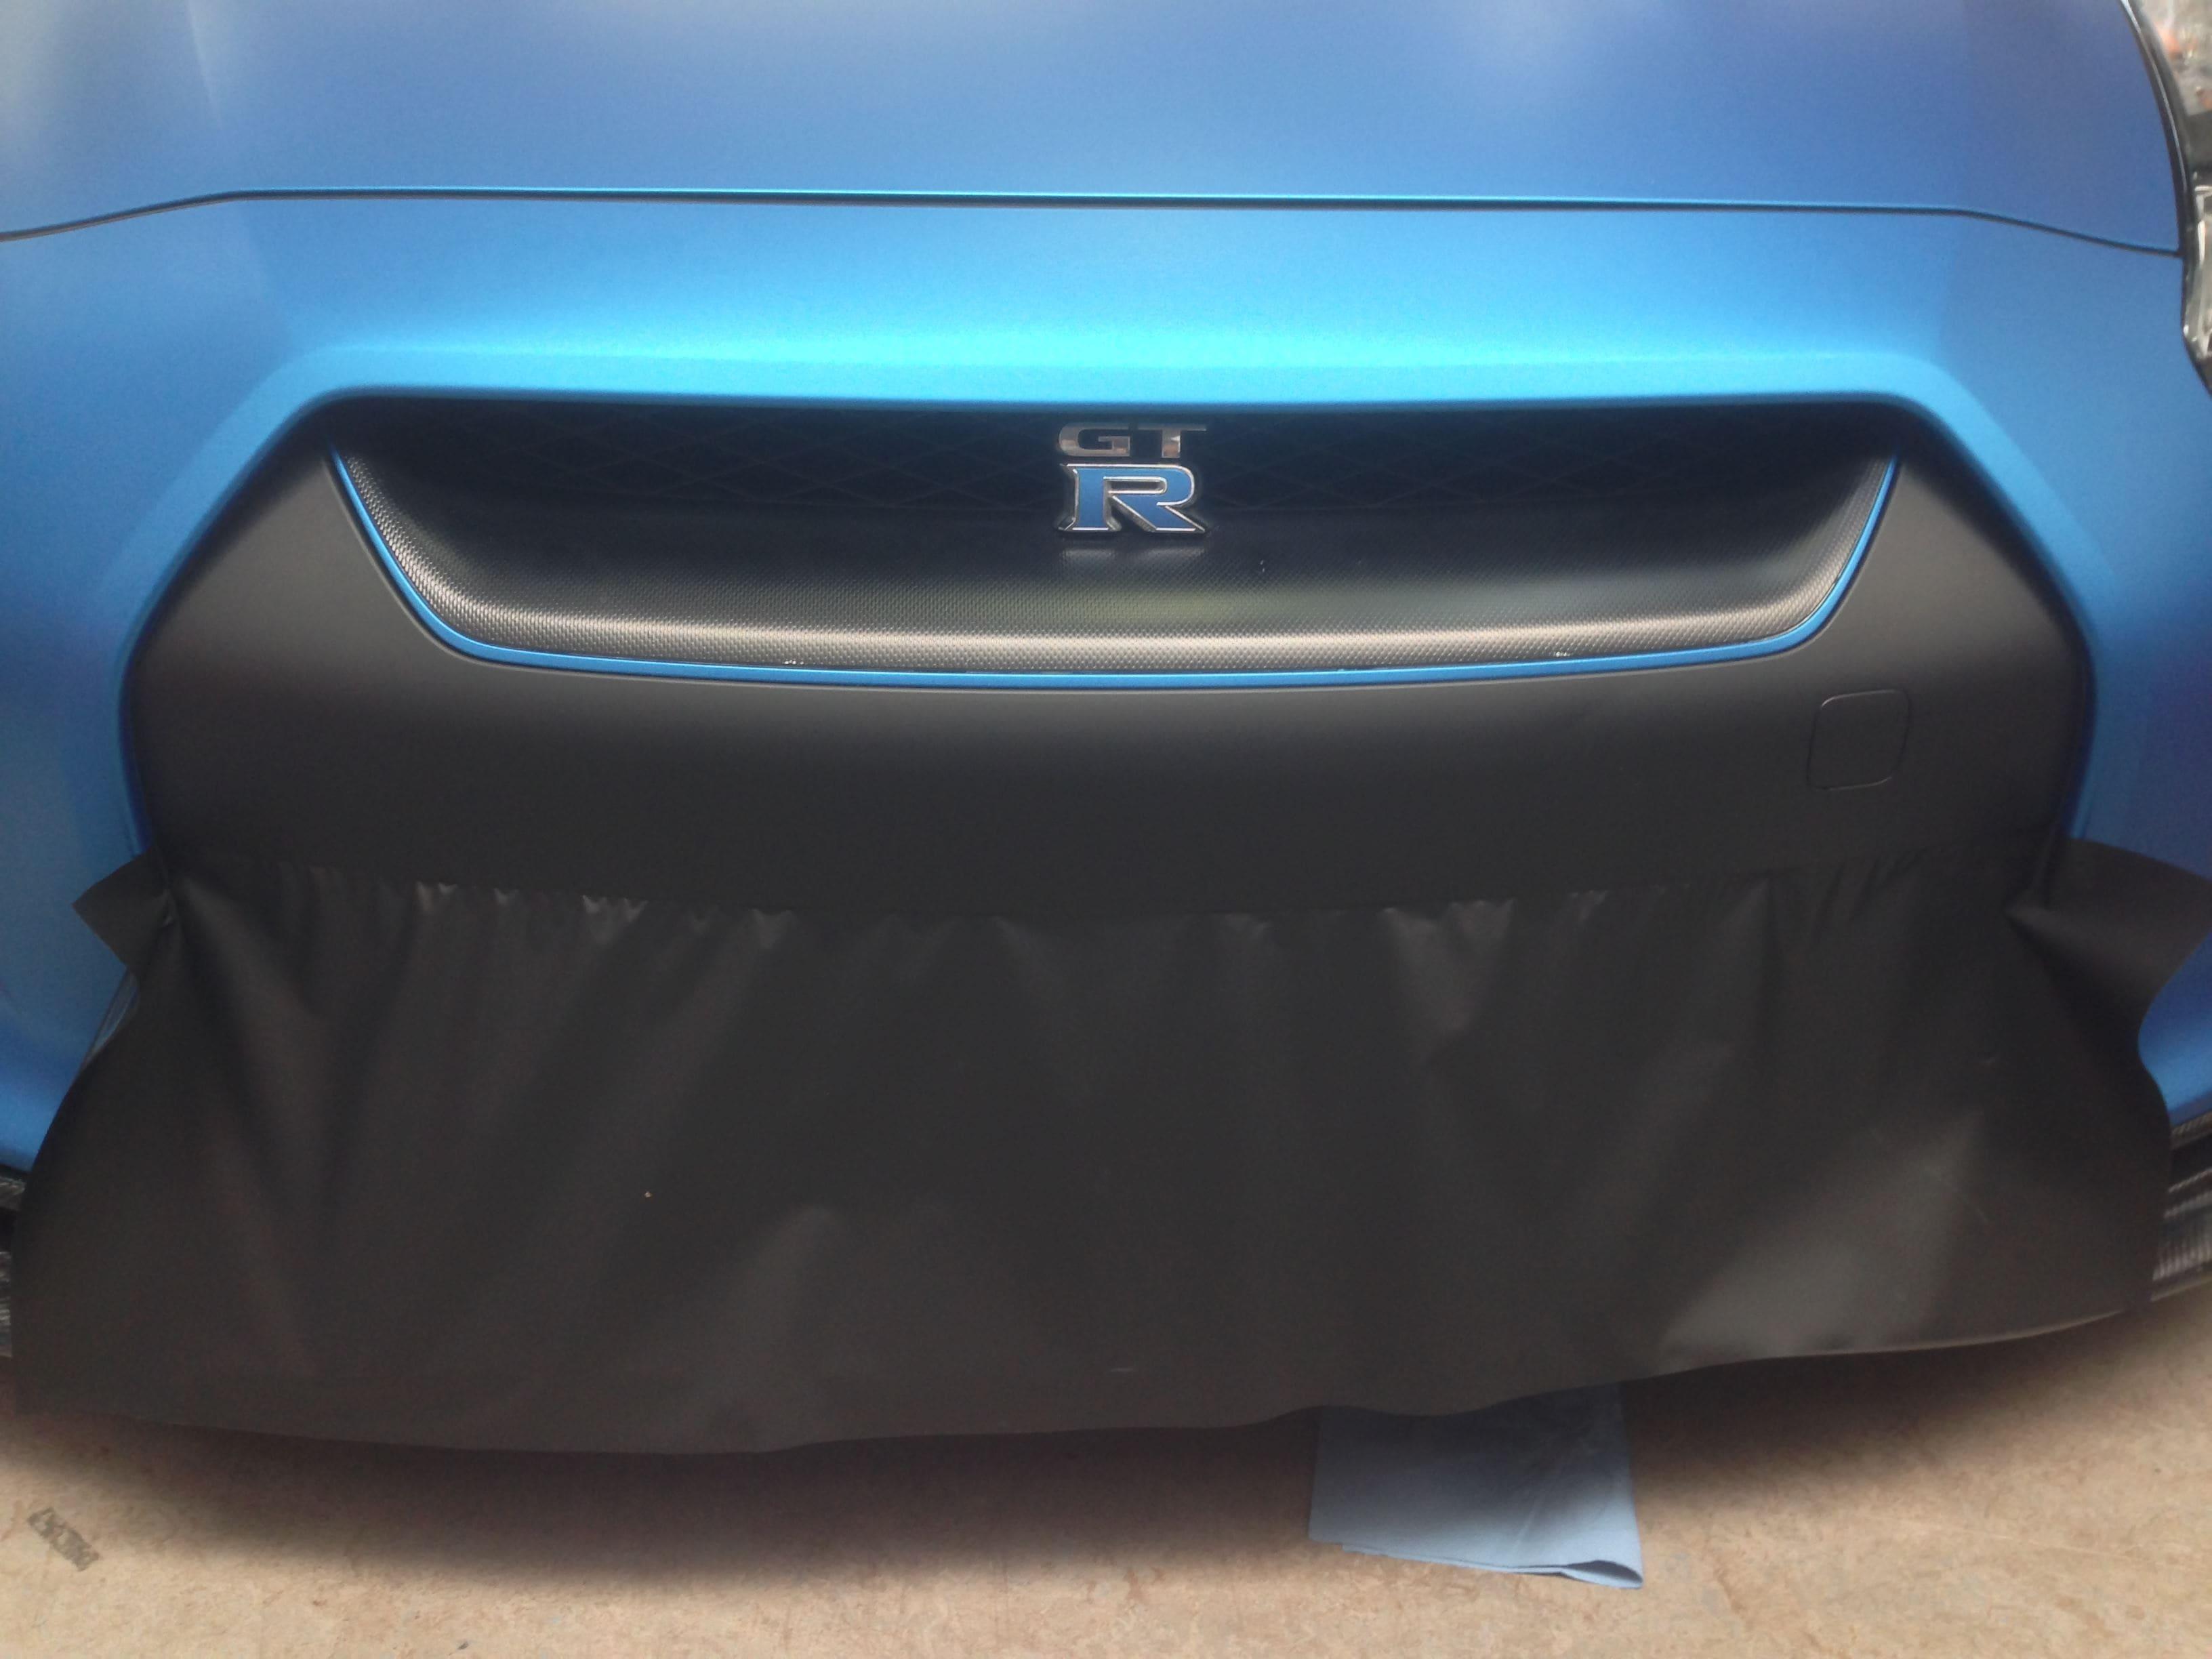 Nissan GT-R in Mat Blauwe Wrap, Carwrapping door Wrapmyride.nu Foto-nr:6532, ©2020